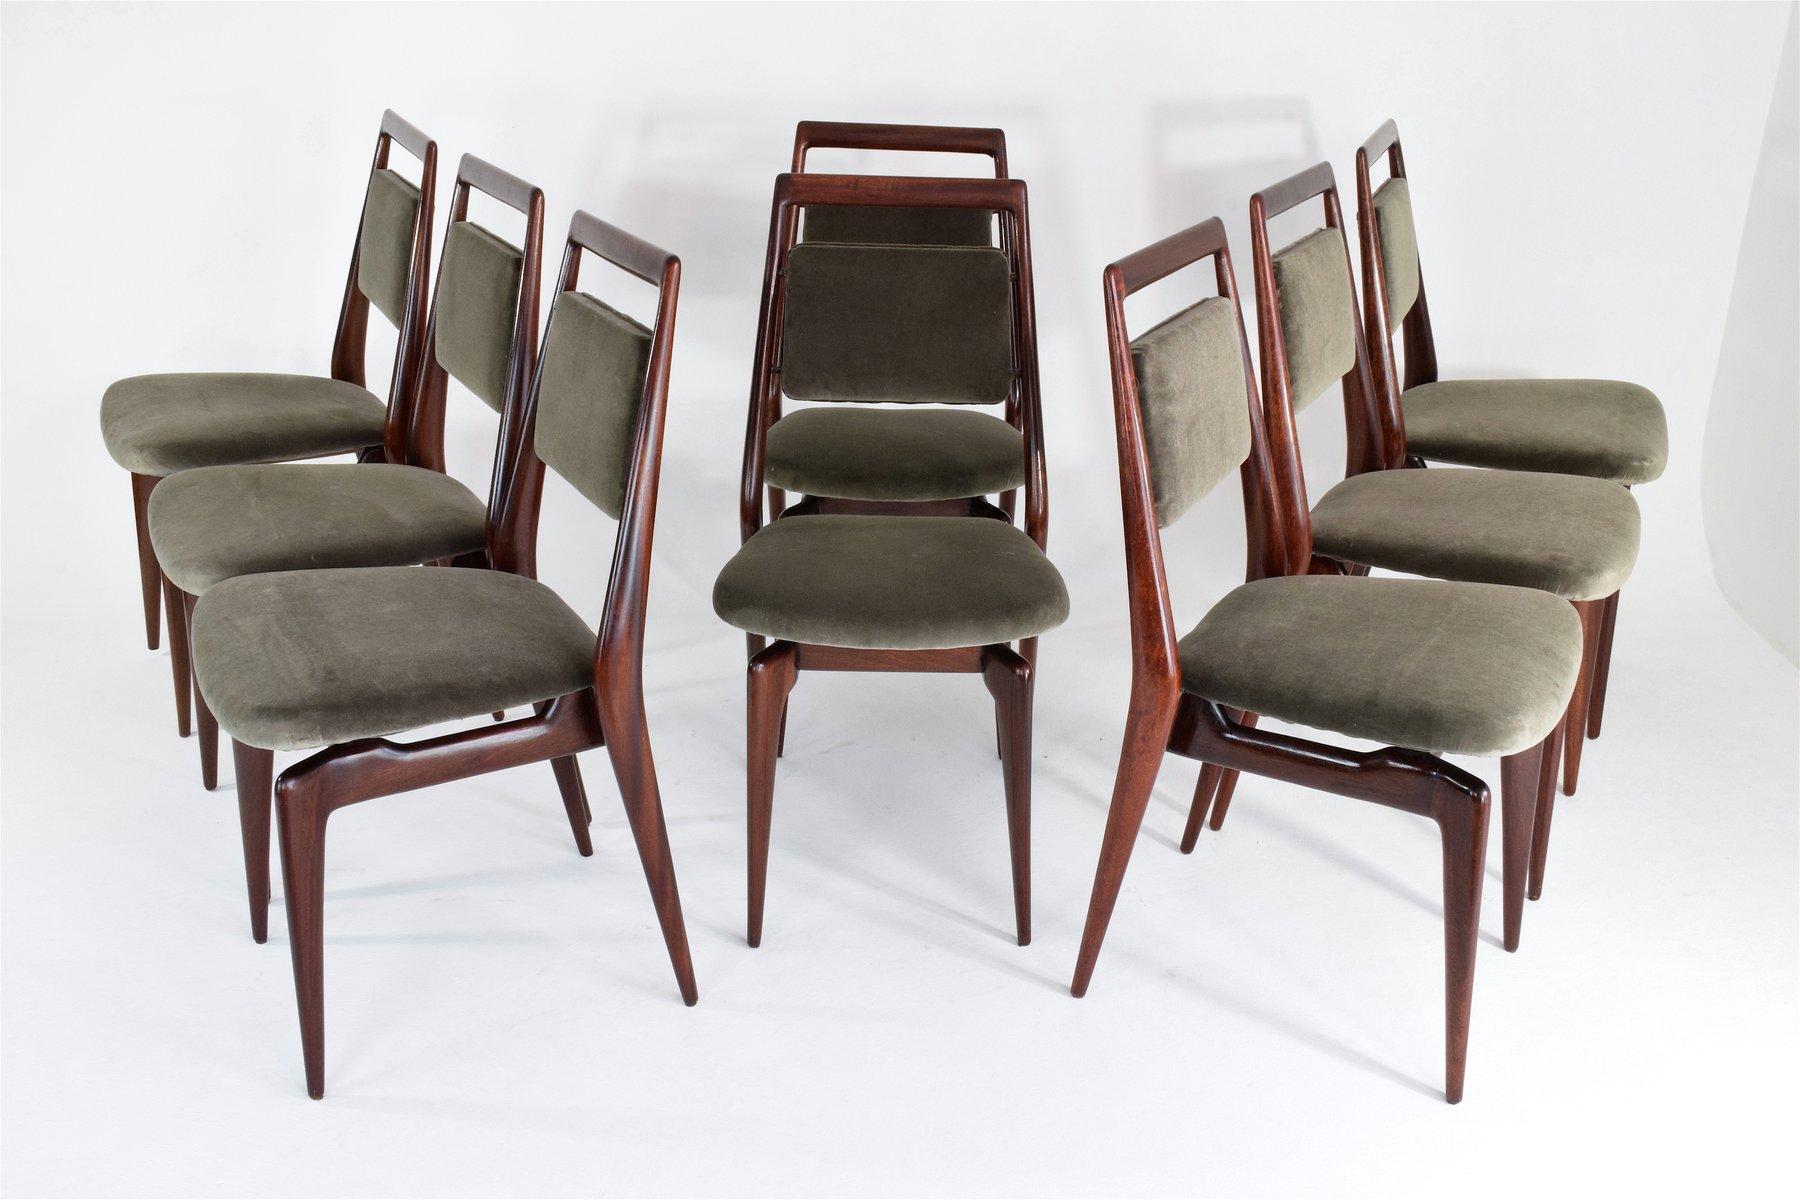 Velvet Dining Chairs Part - 38: Mid-Century Italian Velvet Dining Chairs, Set Of 6 For Sale At Pamono